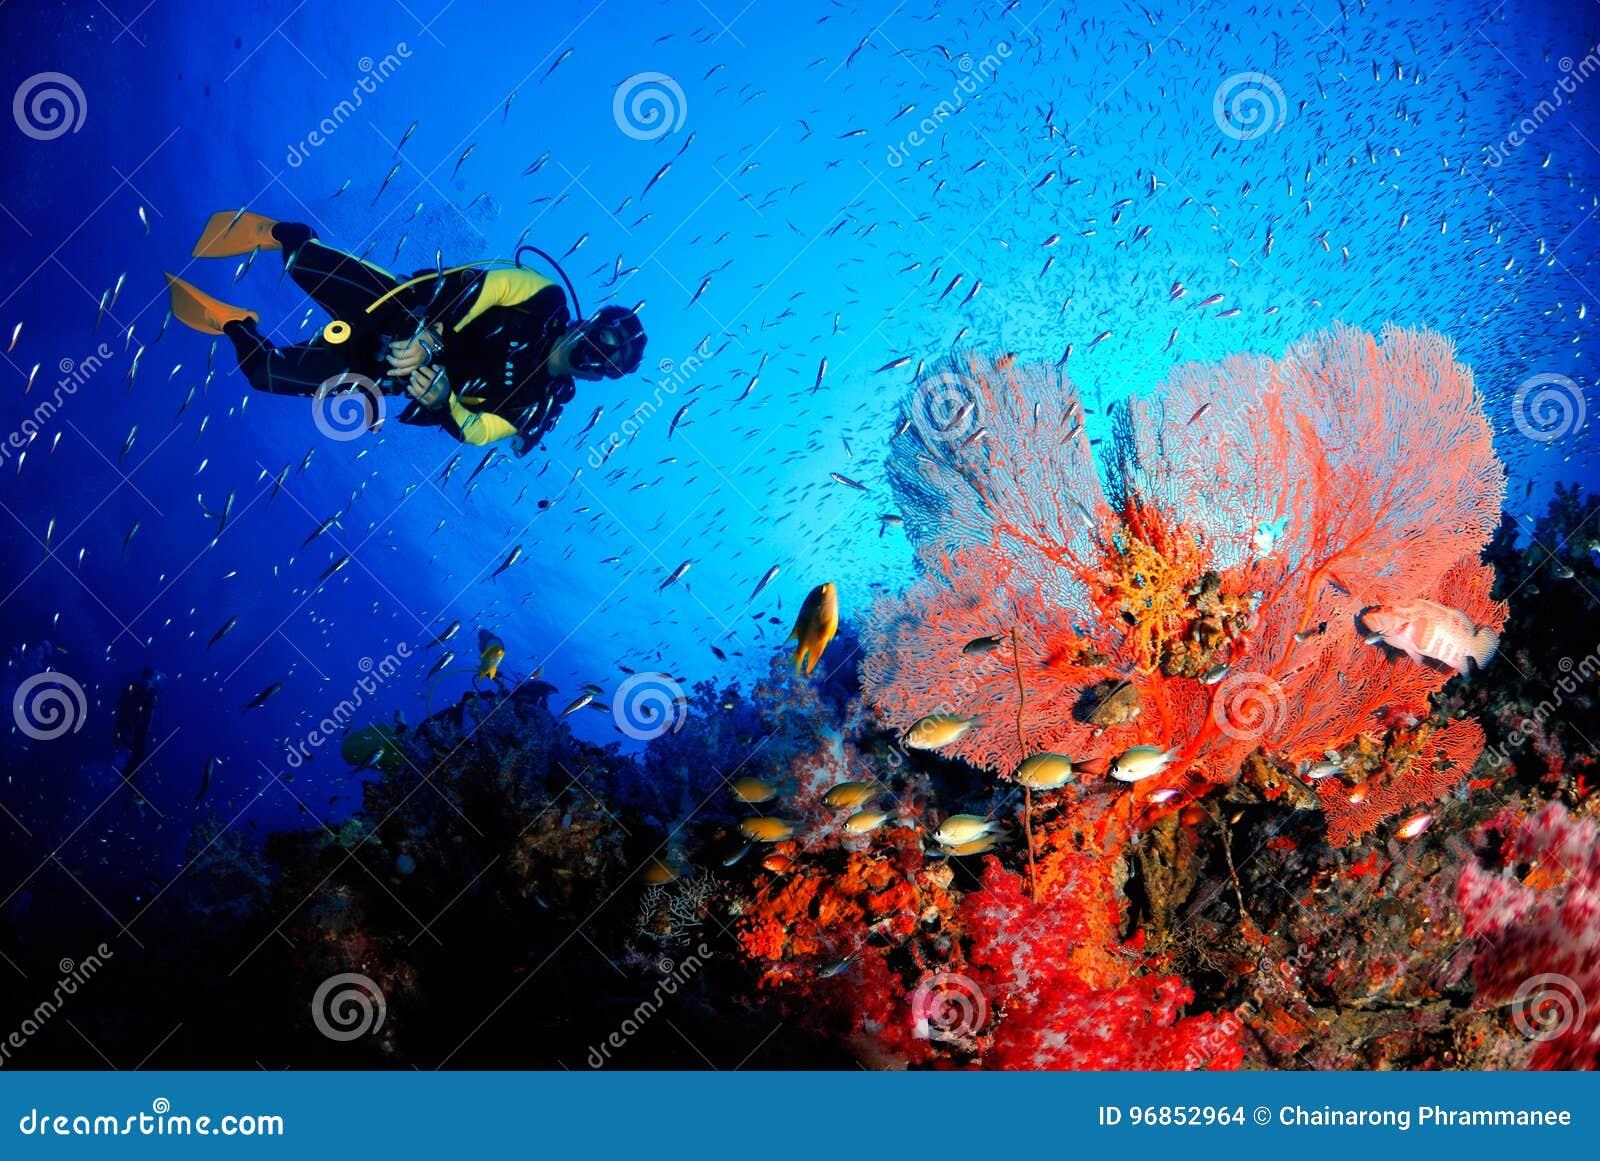 Fan de mer étonnante dans le monde sous-marin magnifique